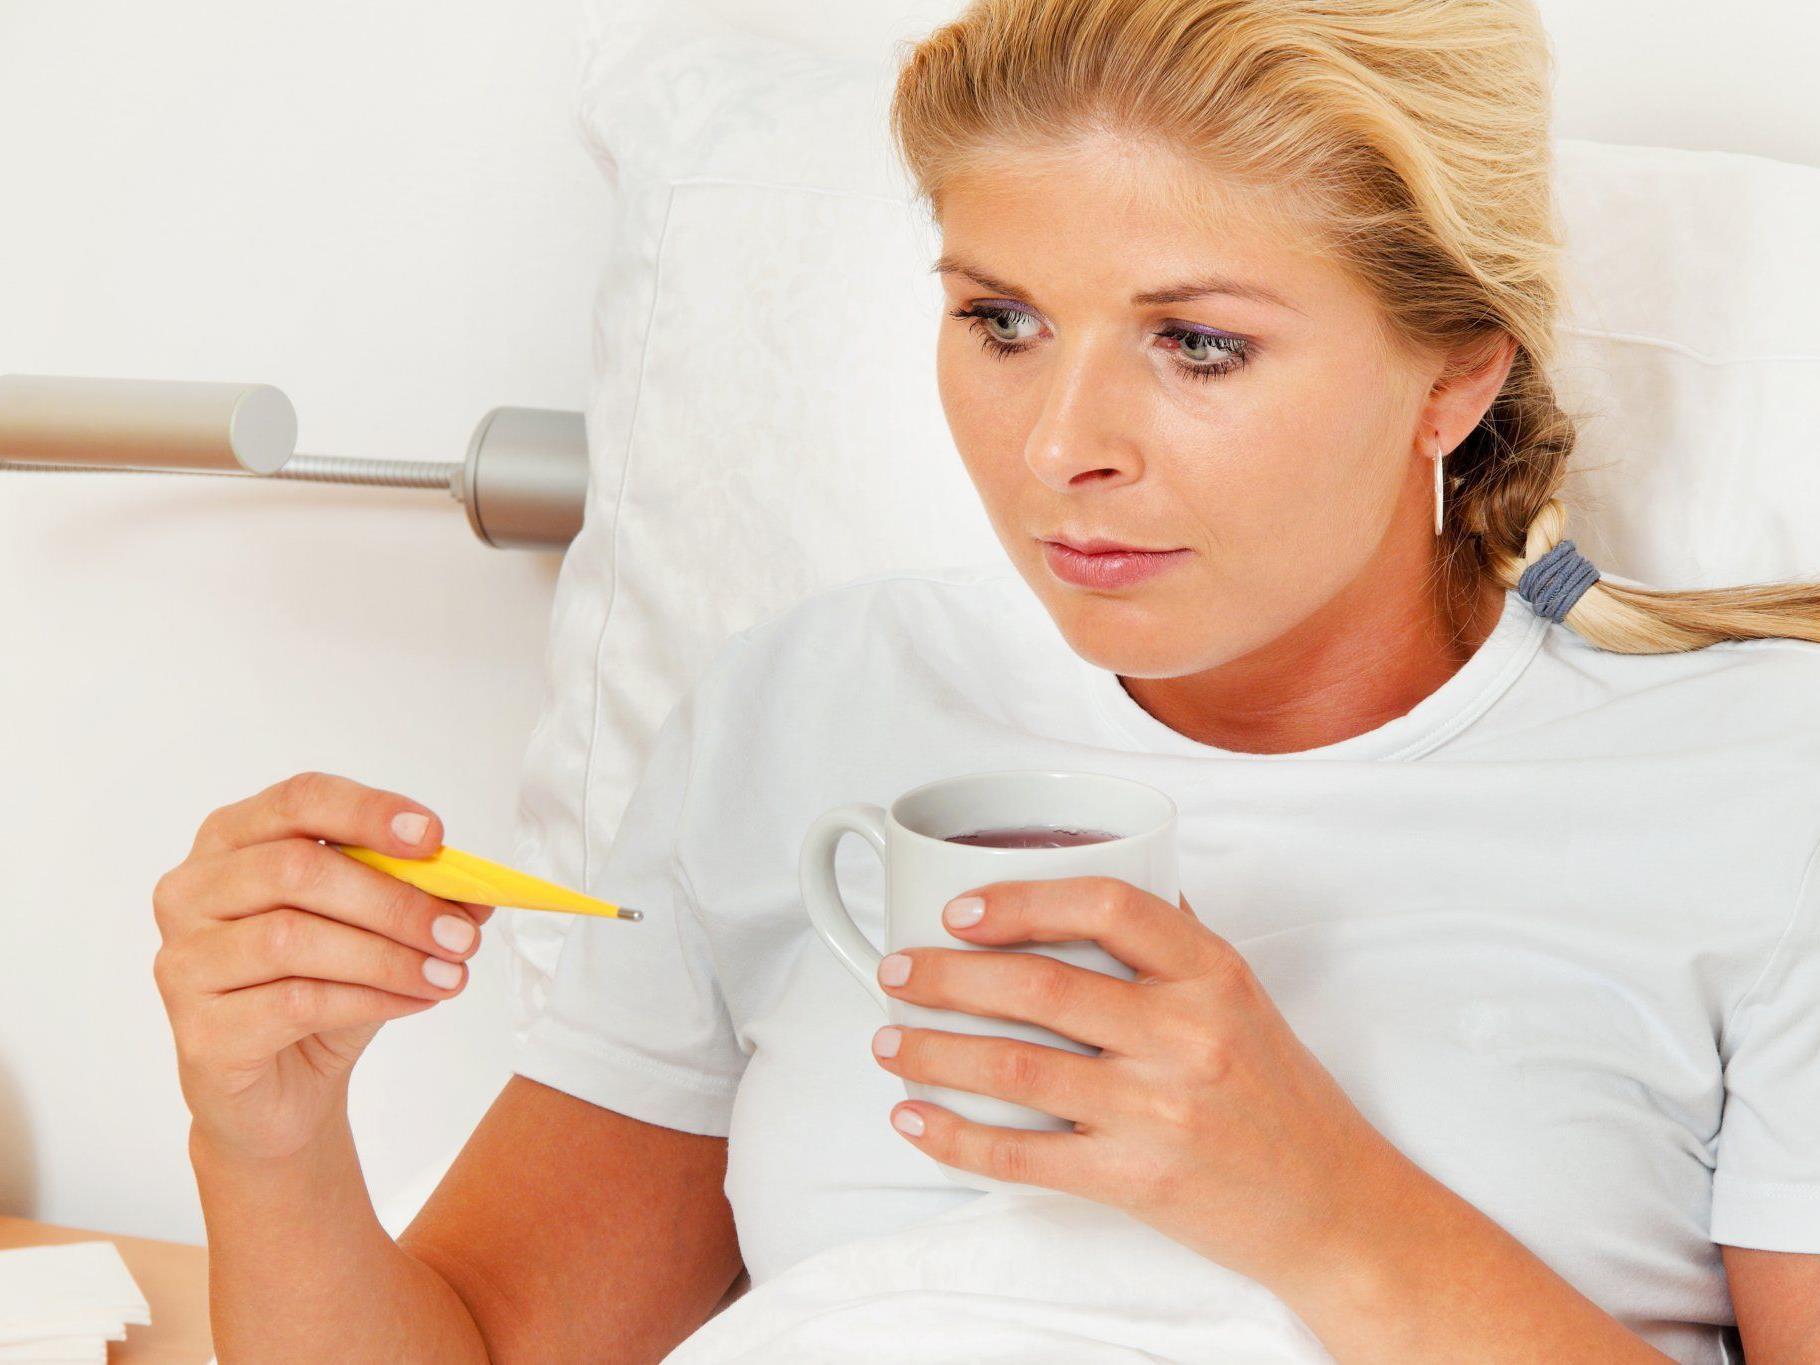 17.300 Mal schlug die Grippe letzte Woche in Wien zu